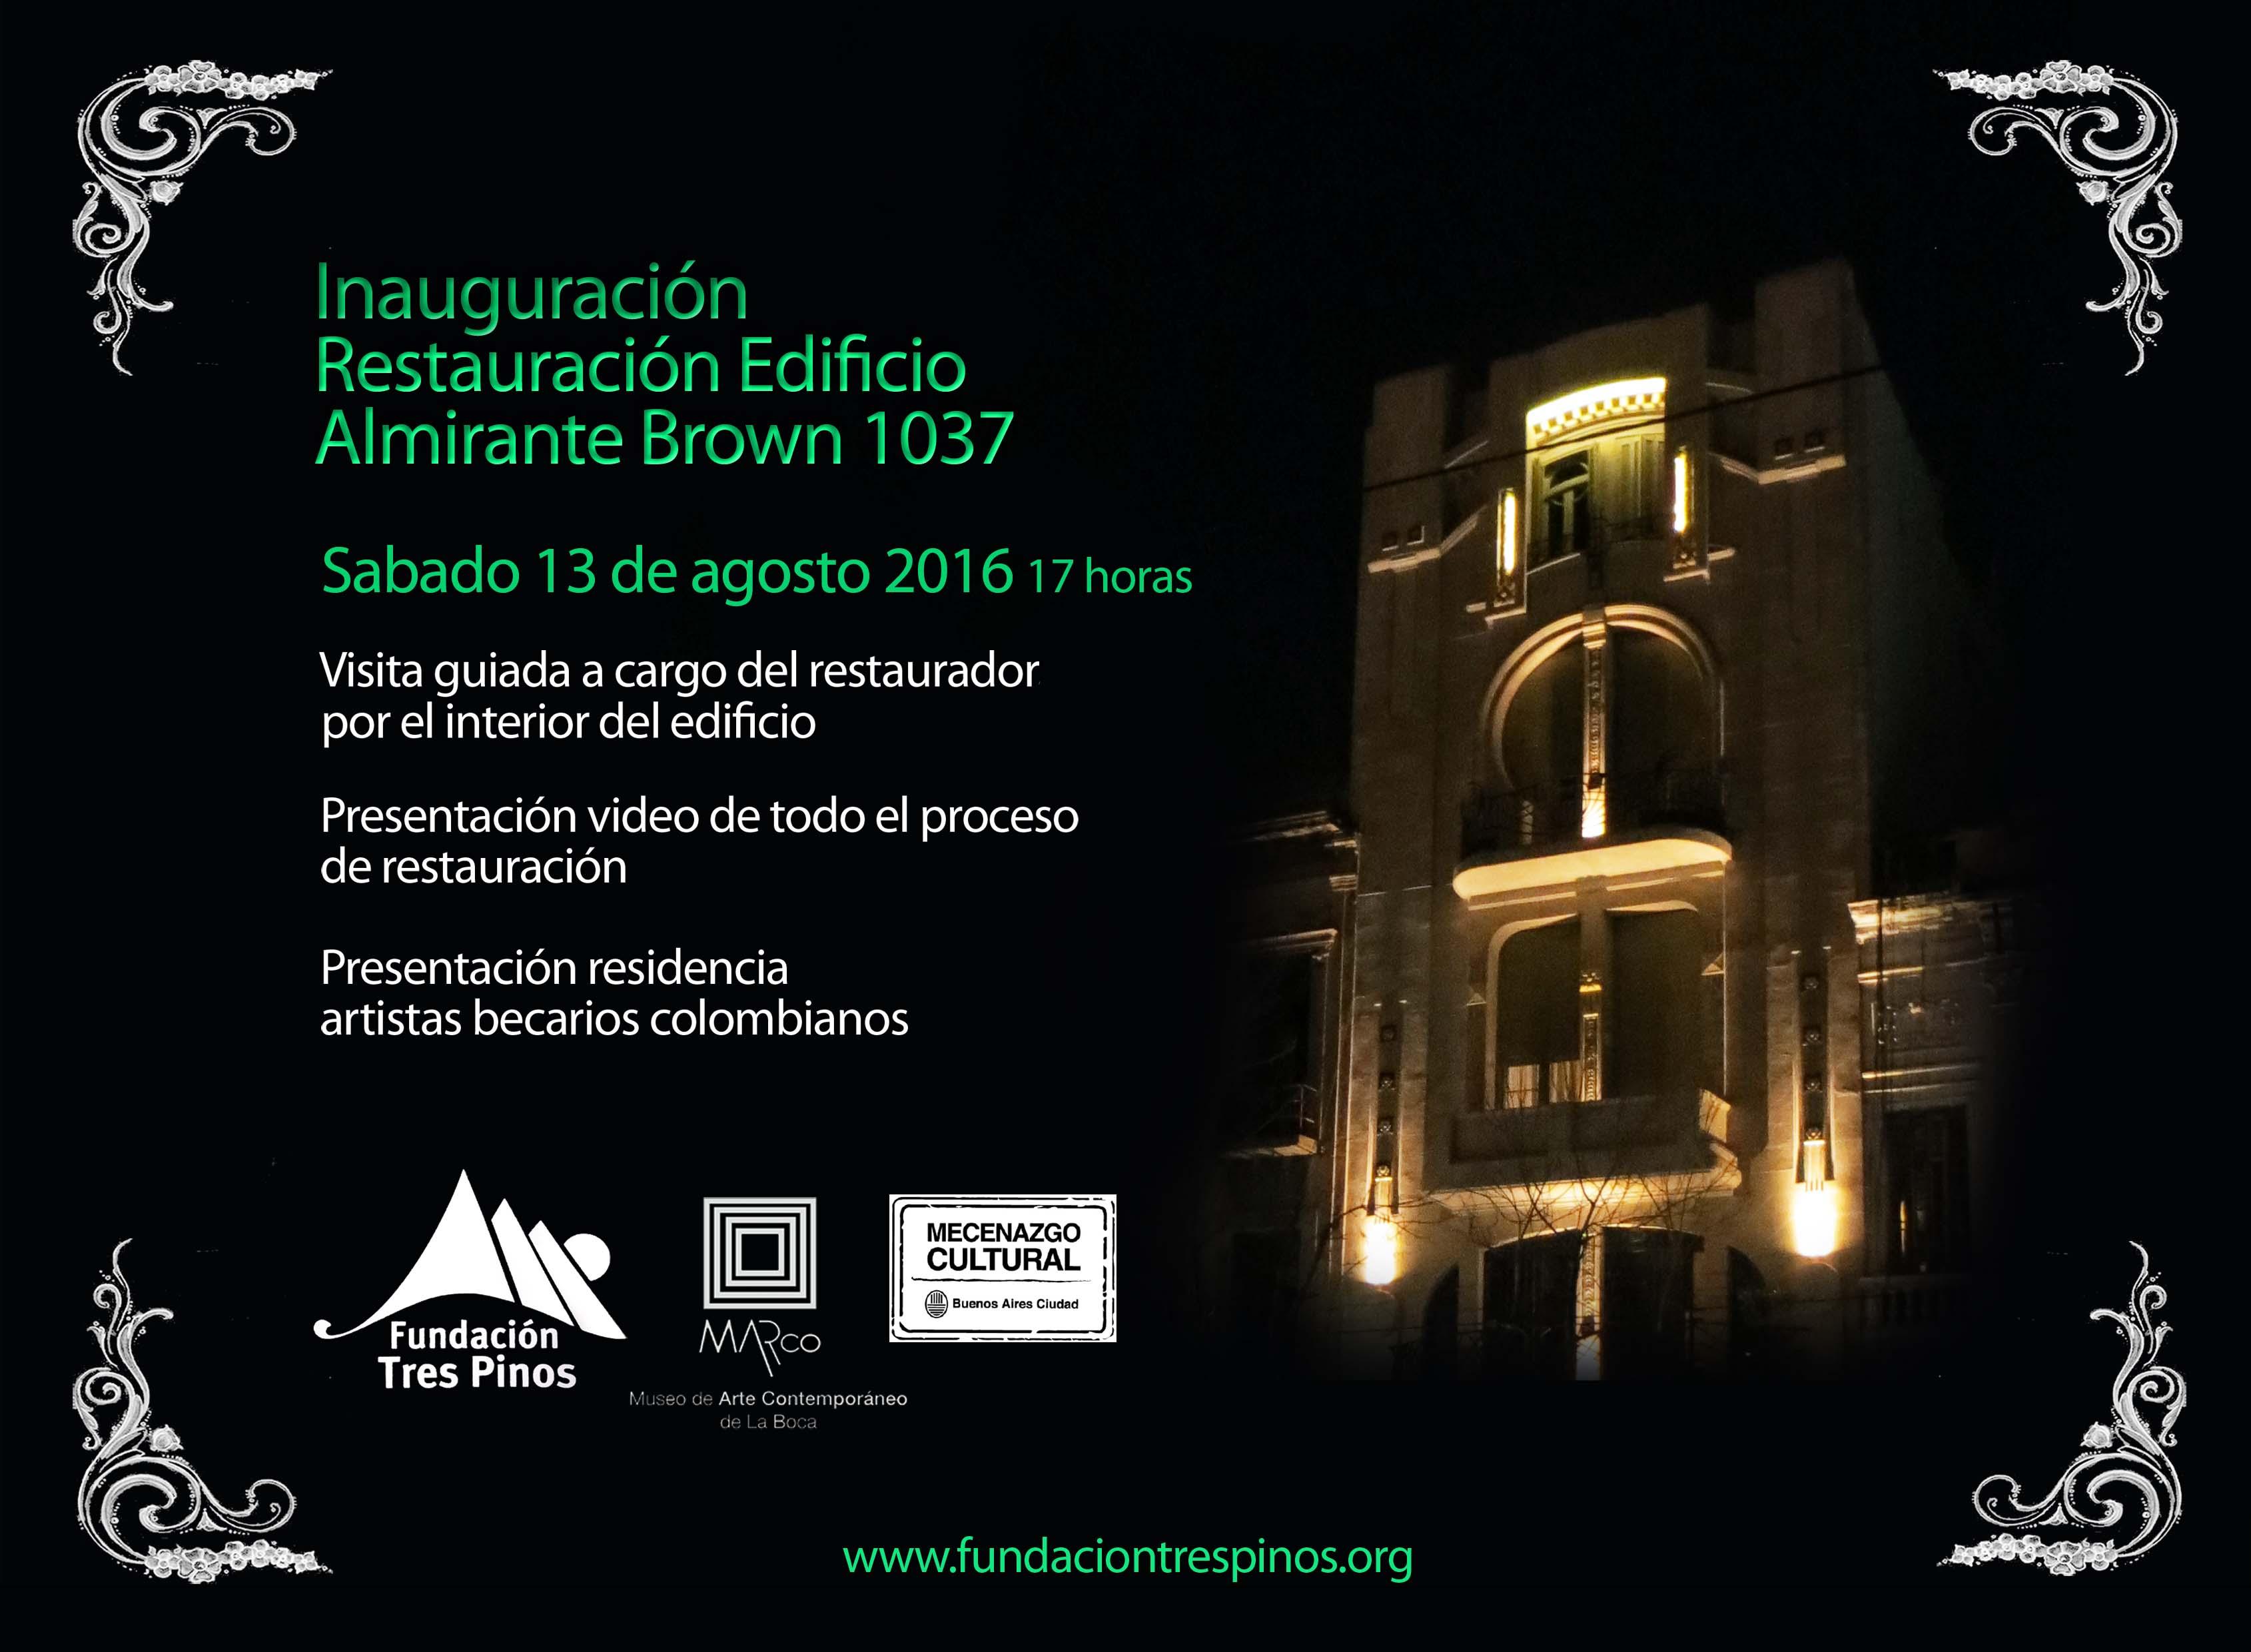 Fundación Tres Pinos inaugura la fachada recientemente restaurada del  histórico edificio de La Boca en  Alte Brown 1037.